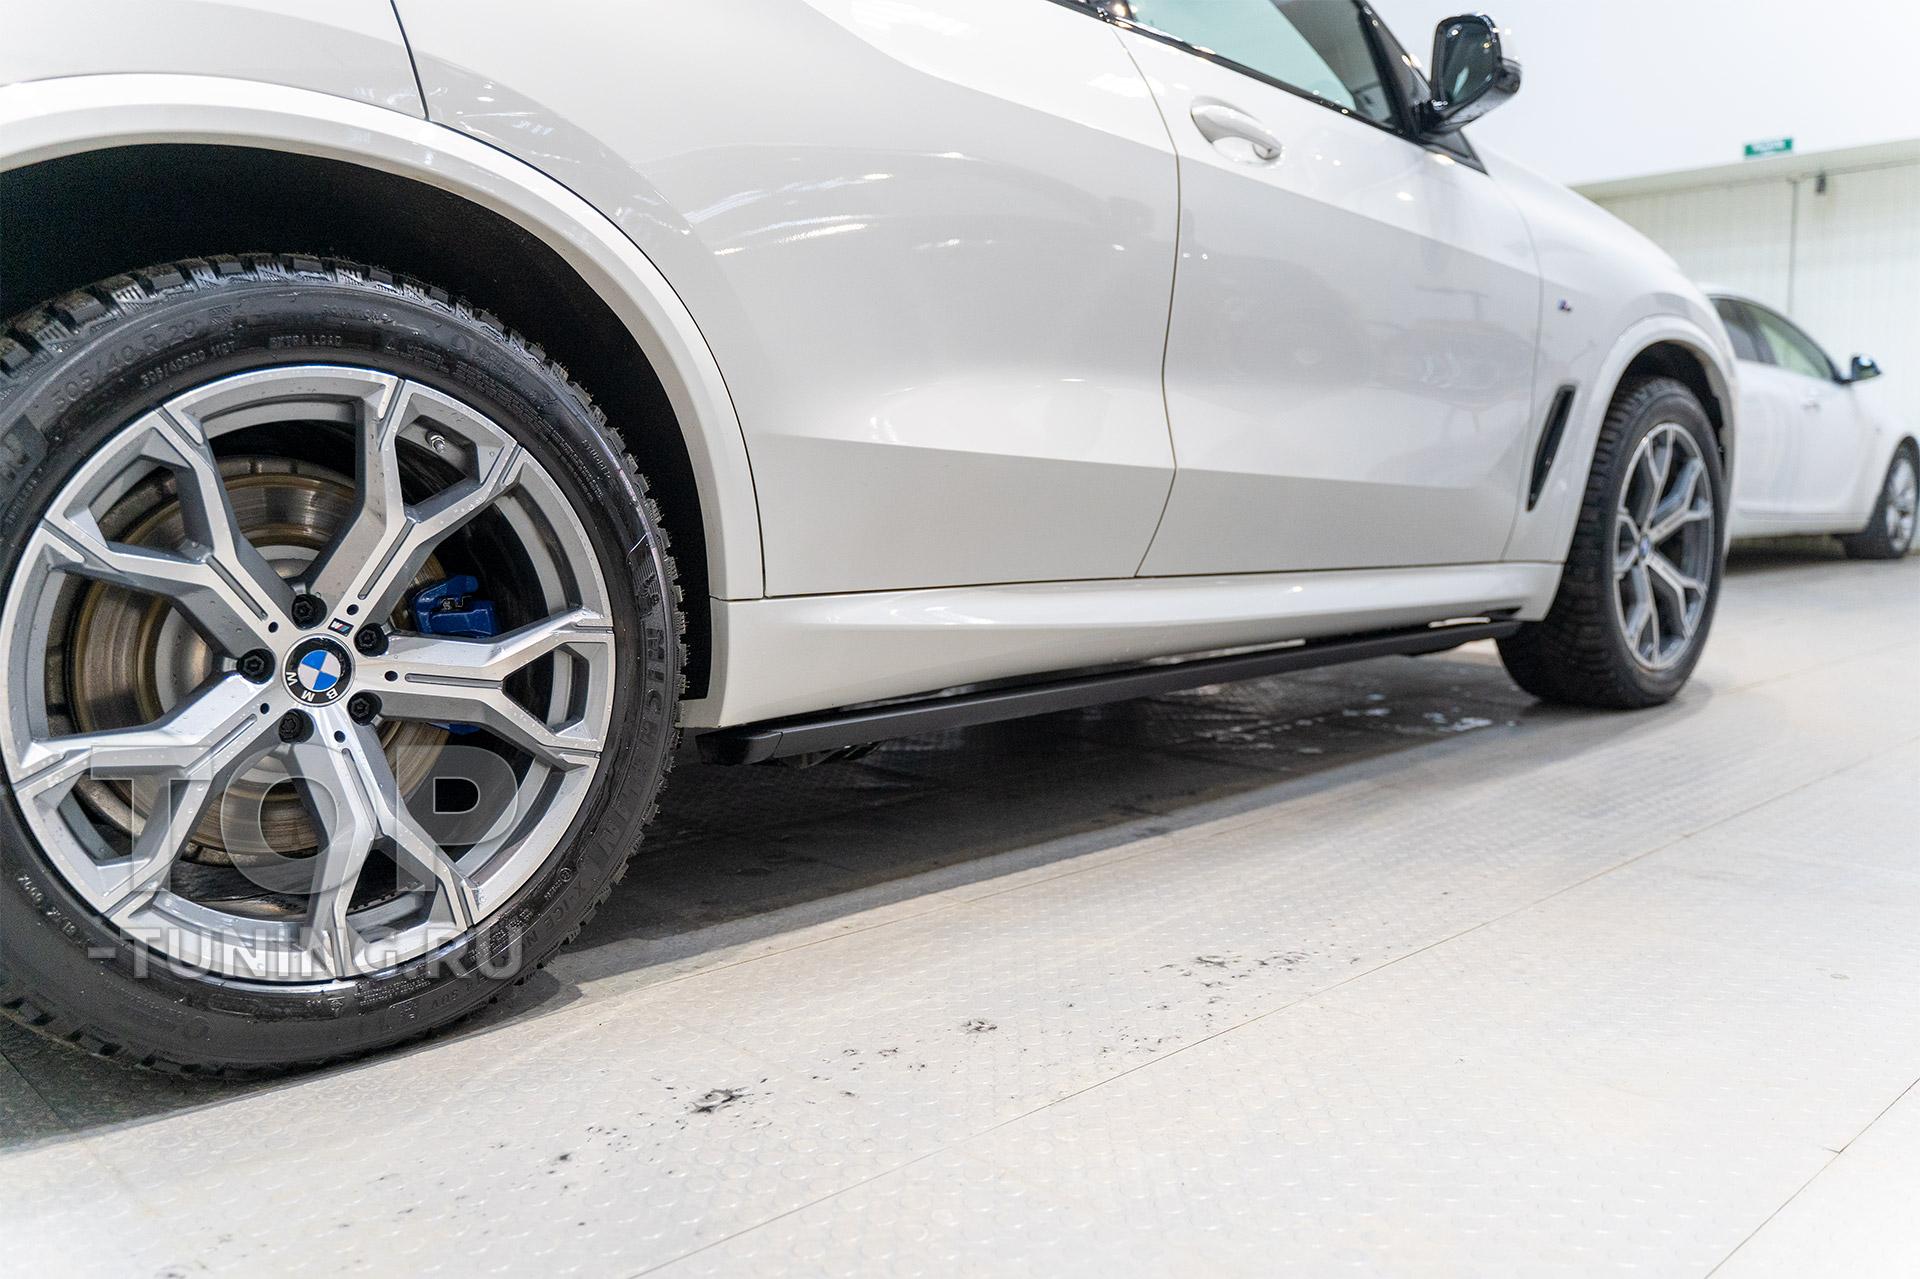 104299 Аксессуары для BMW X5 G05